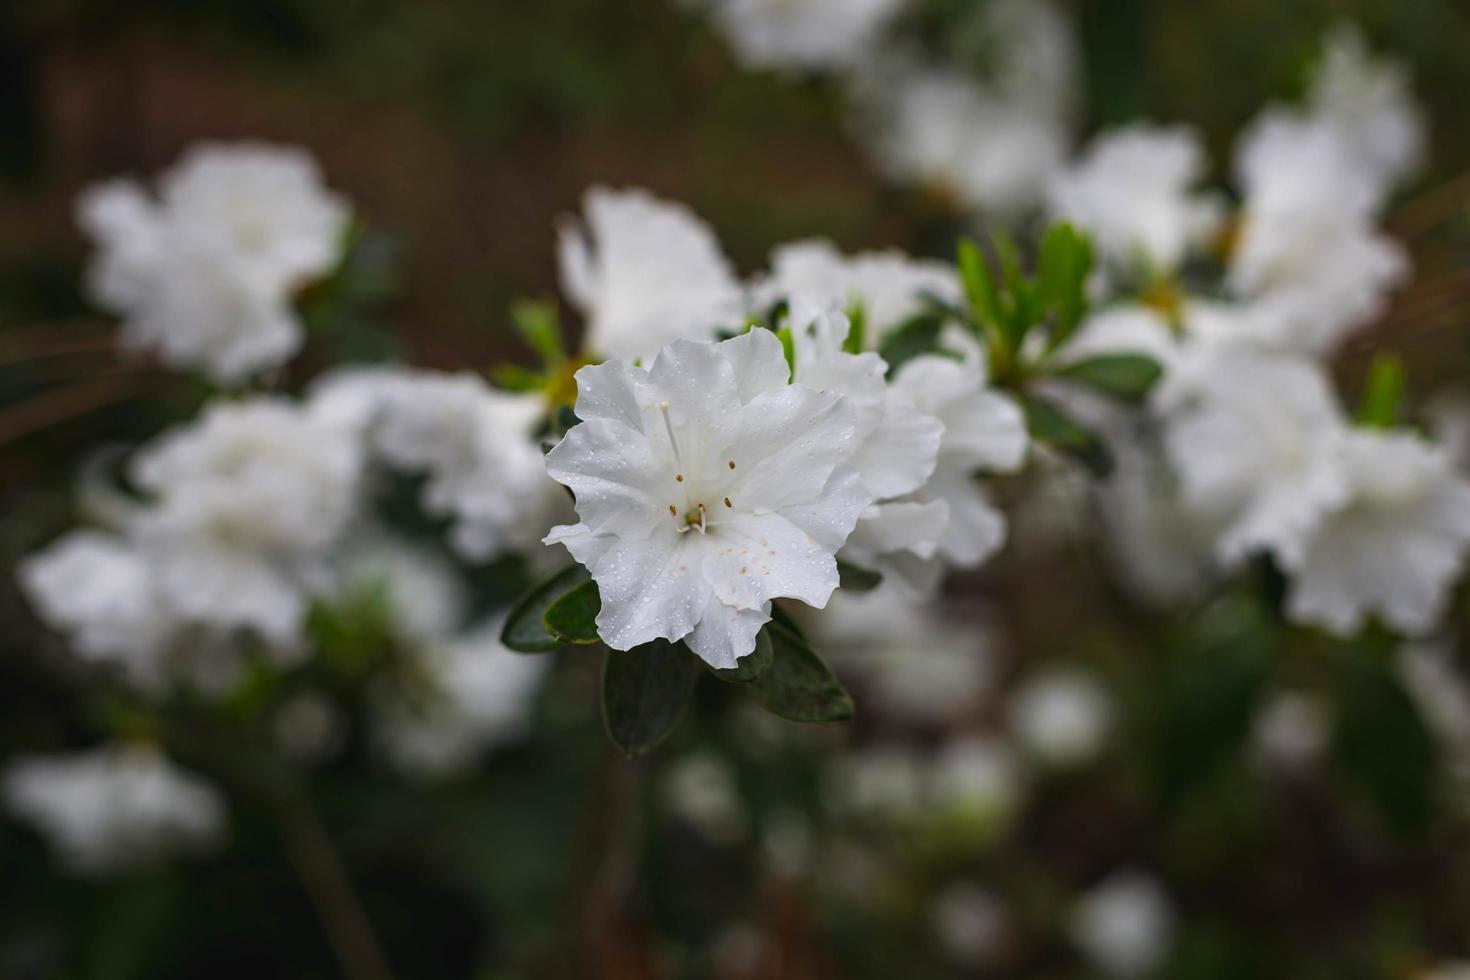 Nahaufnahme von weißen Blumen foto